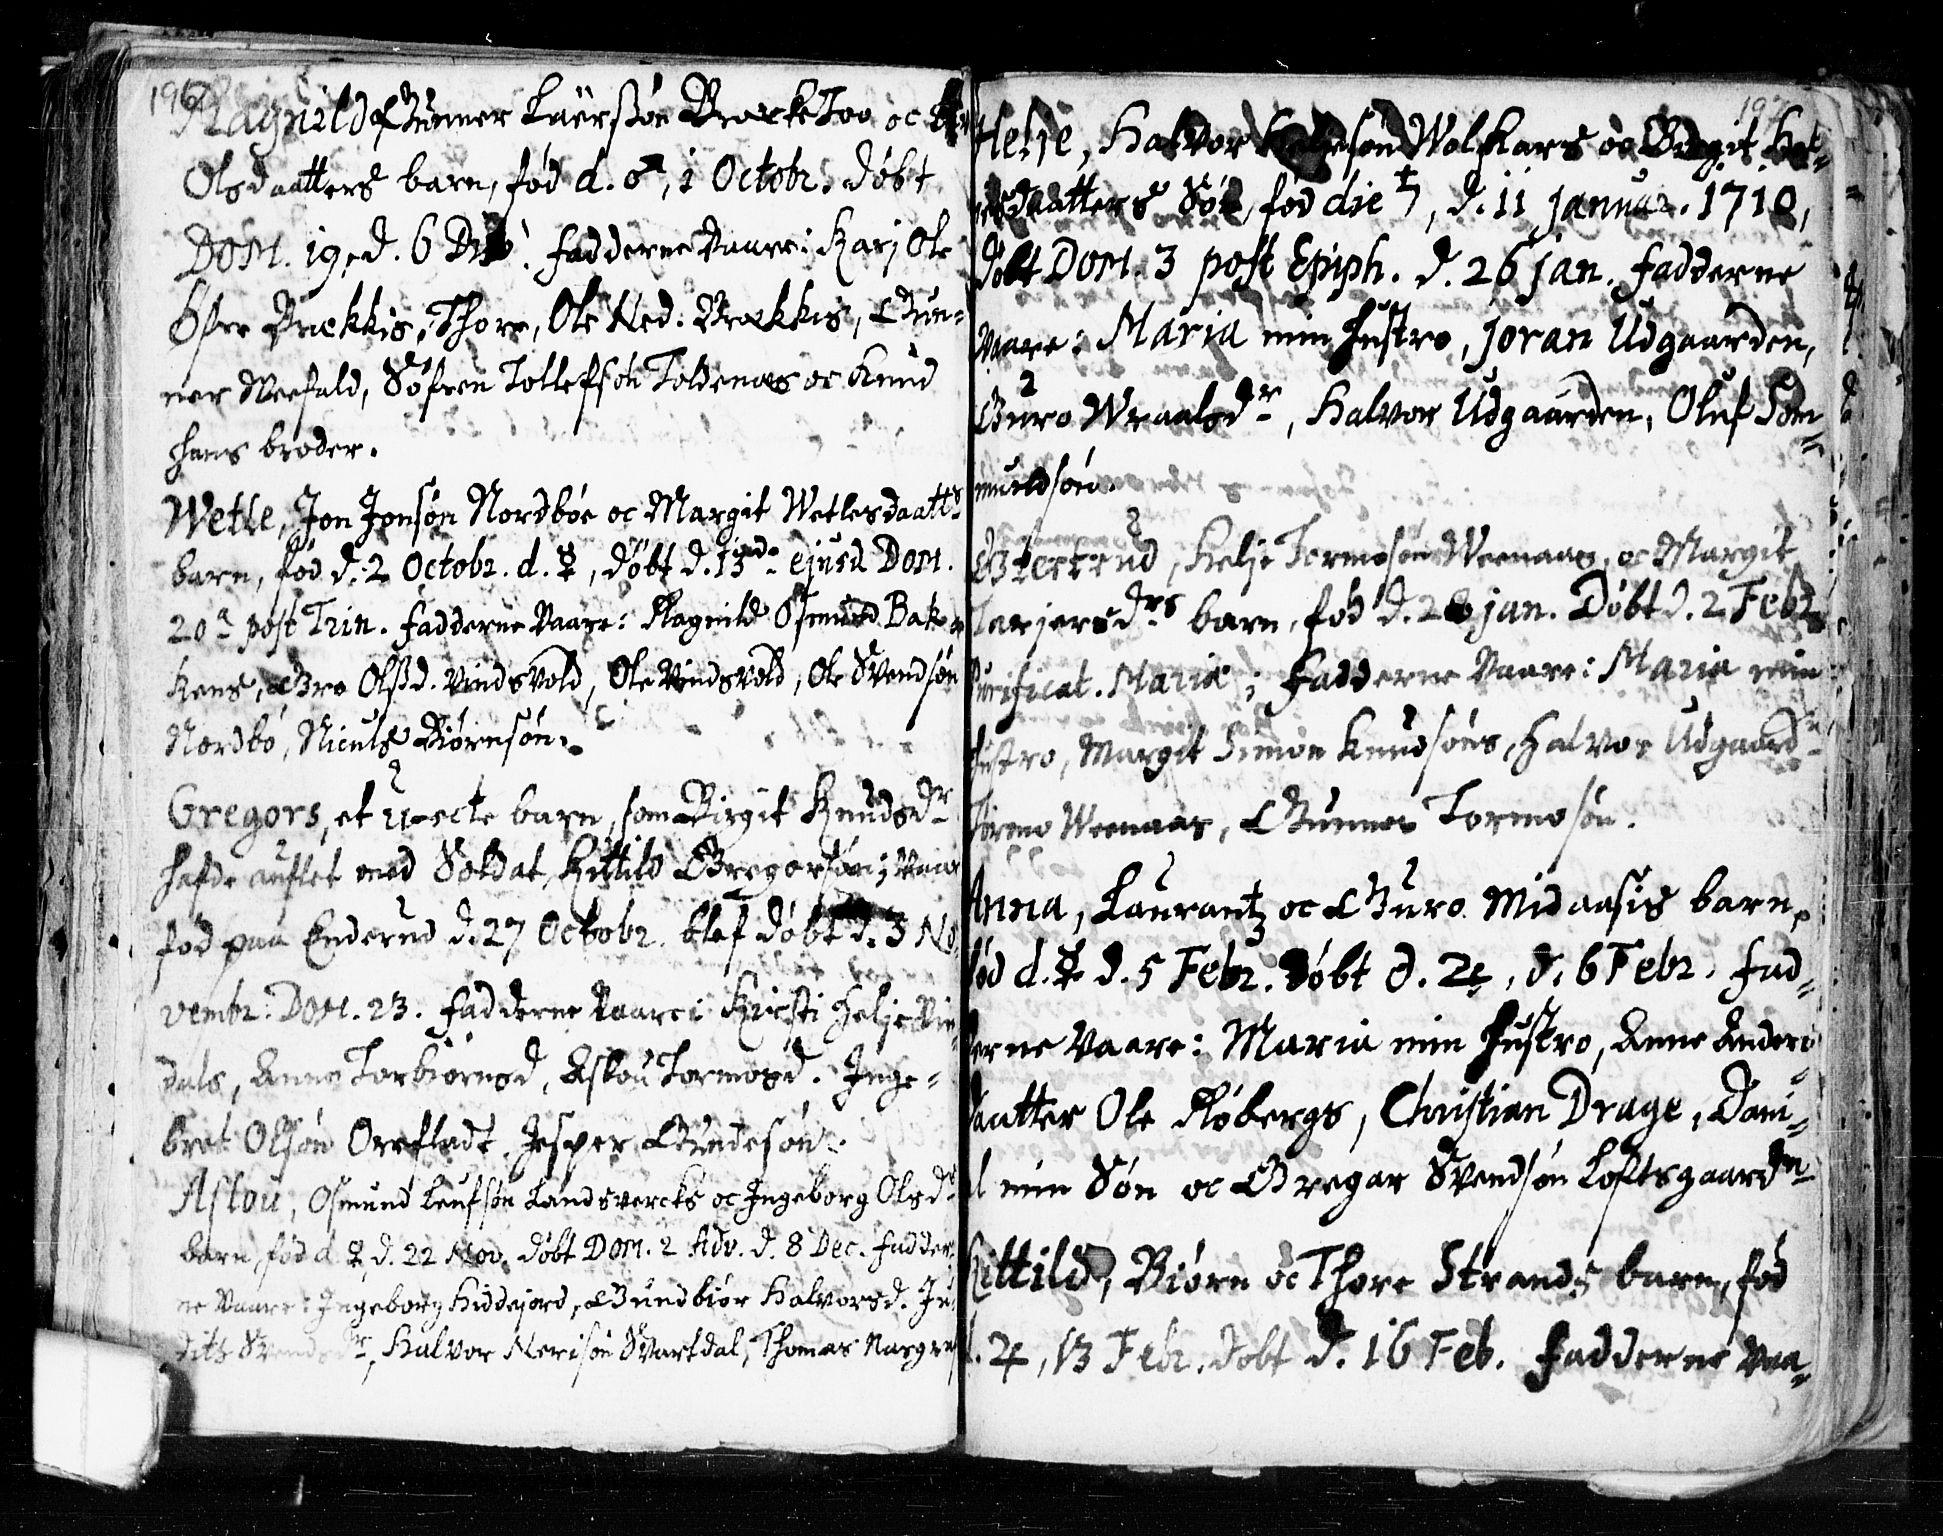 SAKO, Seljord kirkebøker, F/Fa/L0002: Ministerialbok nr. I 2, 1689-1713, s. 196-197